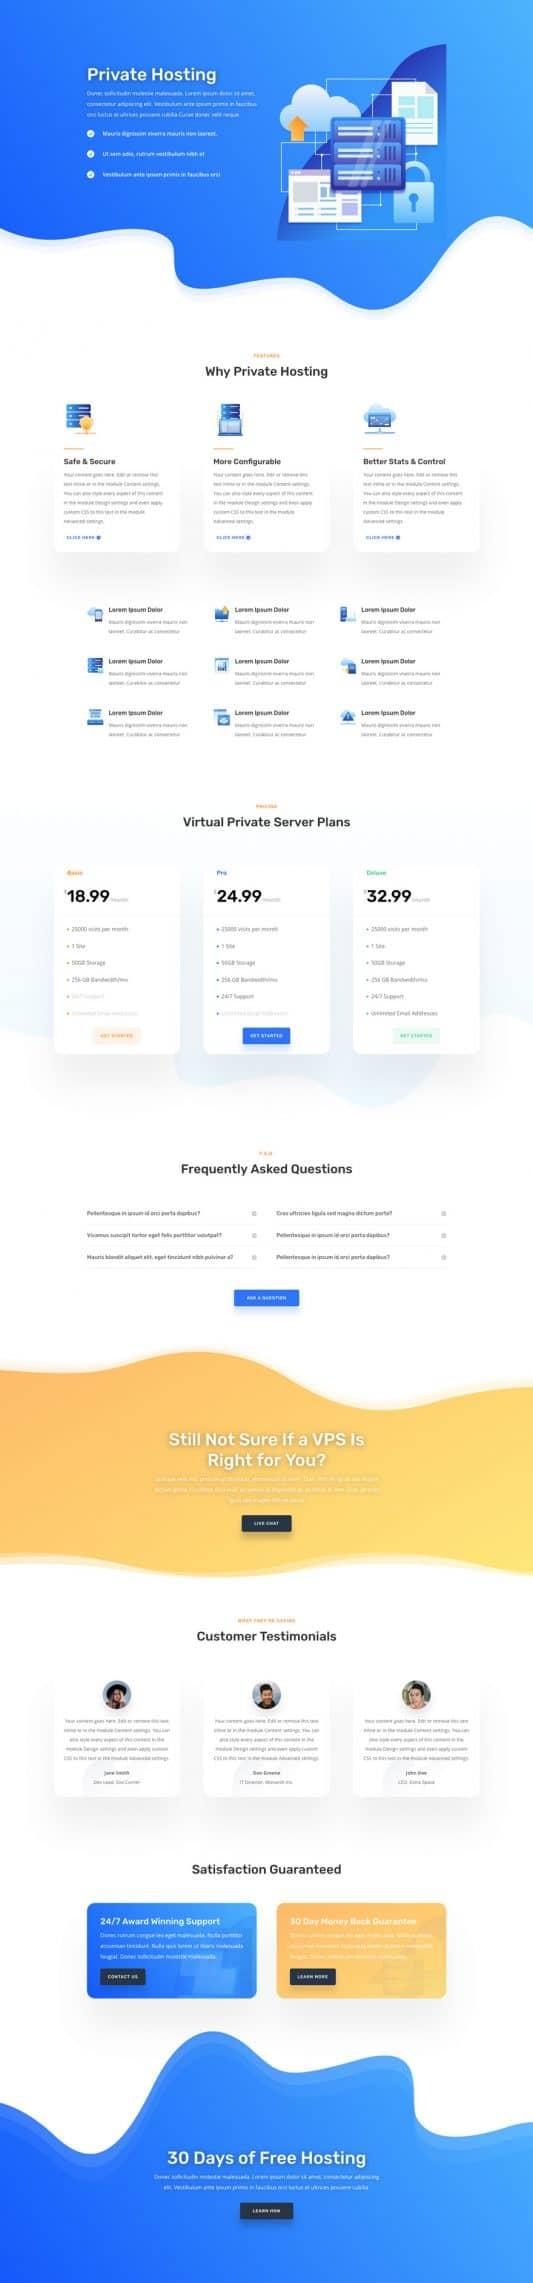 Hosting Company Web Design 7